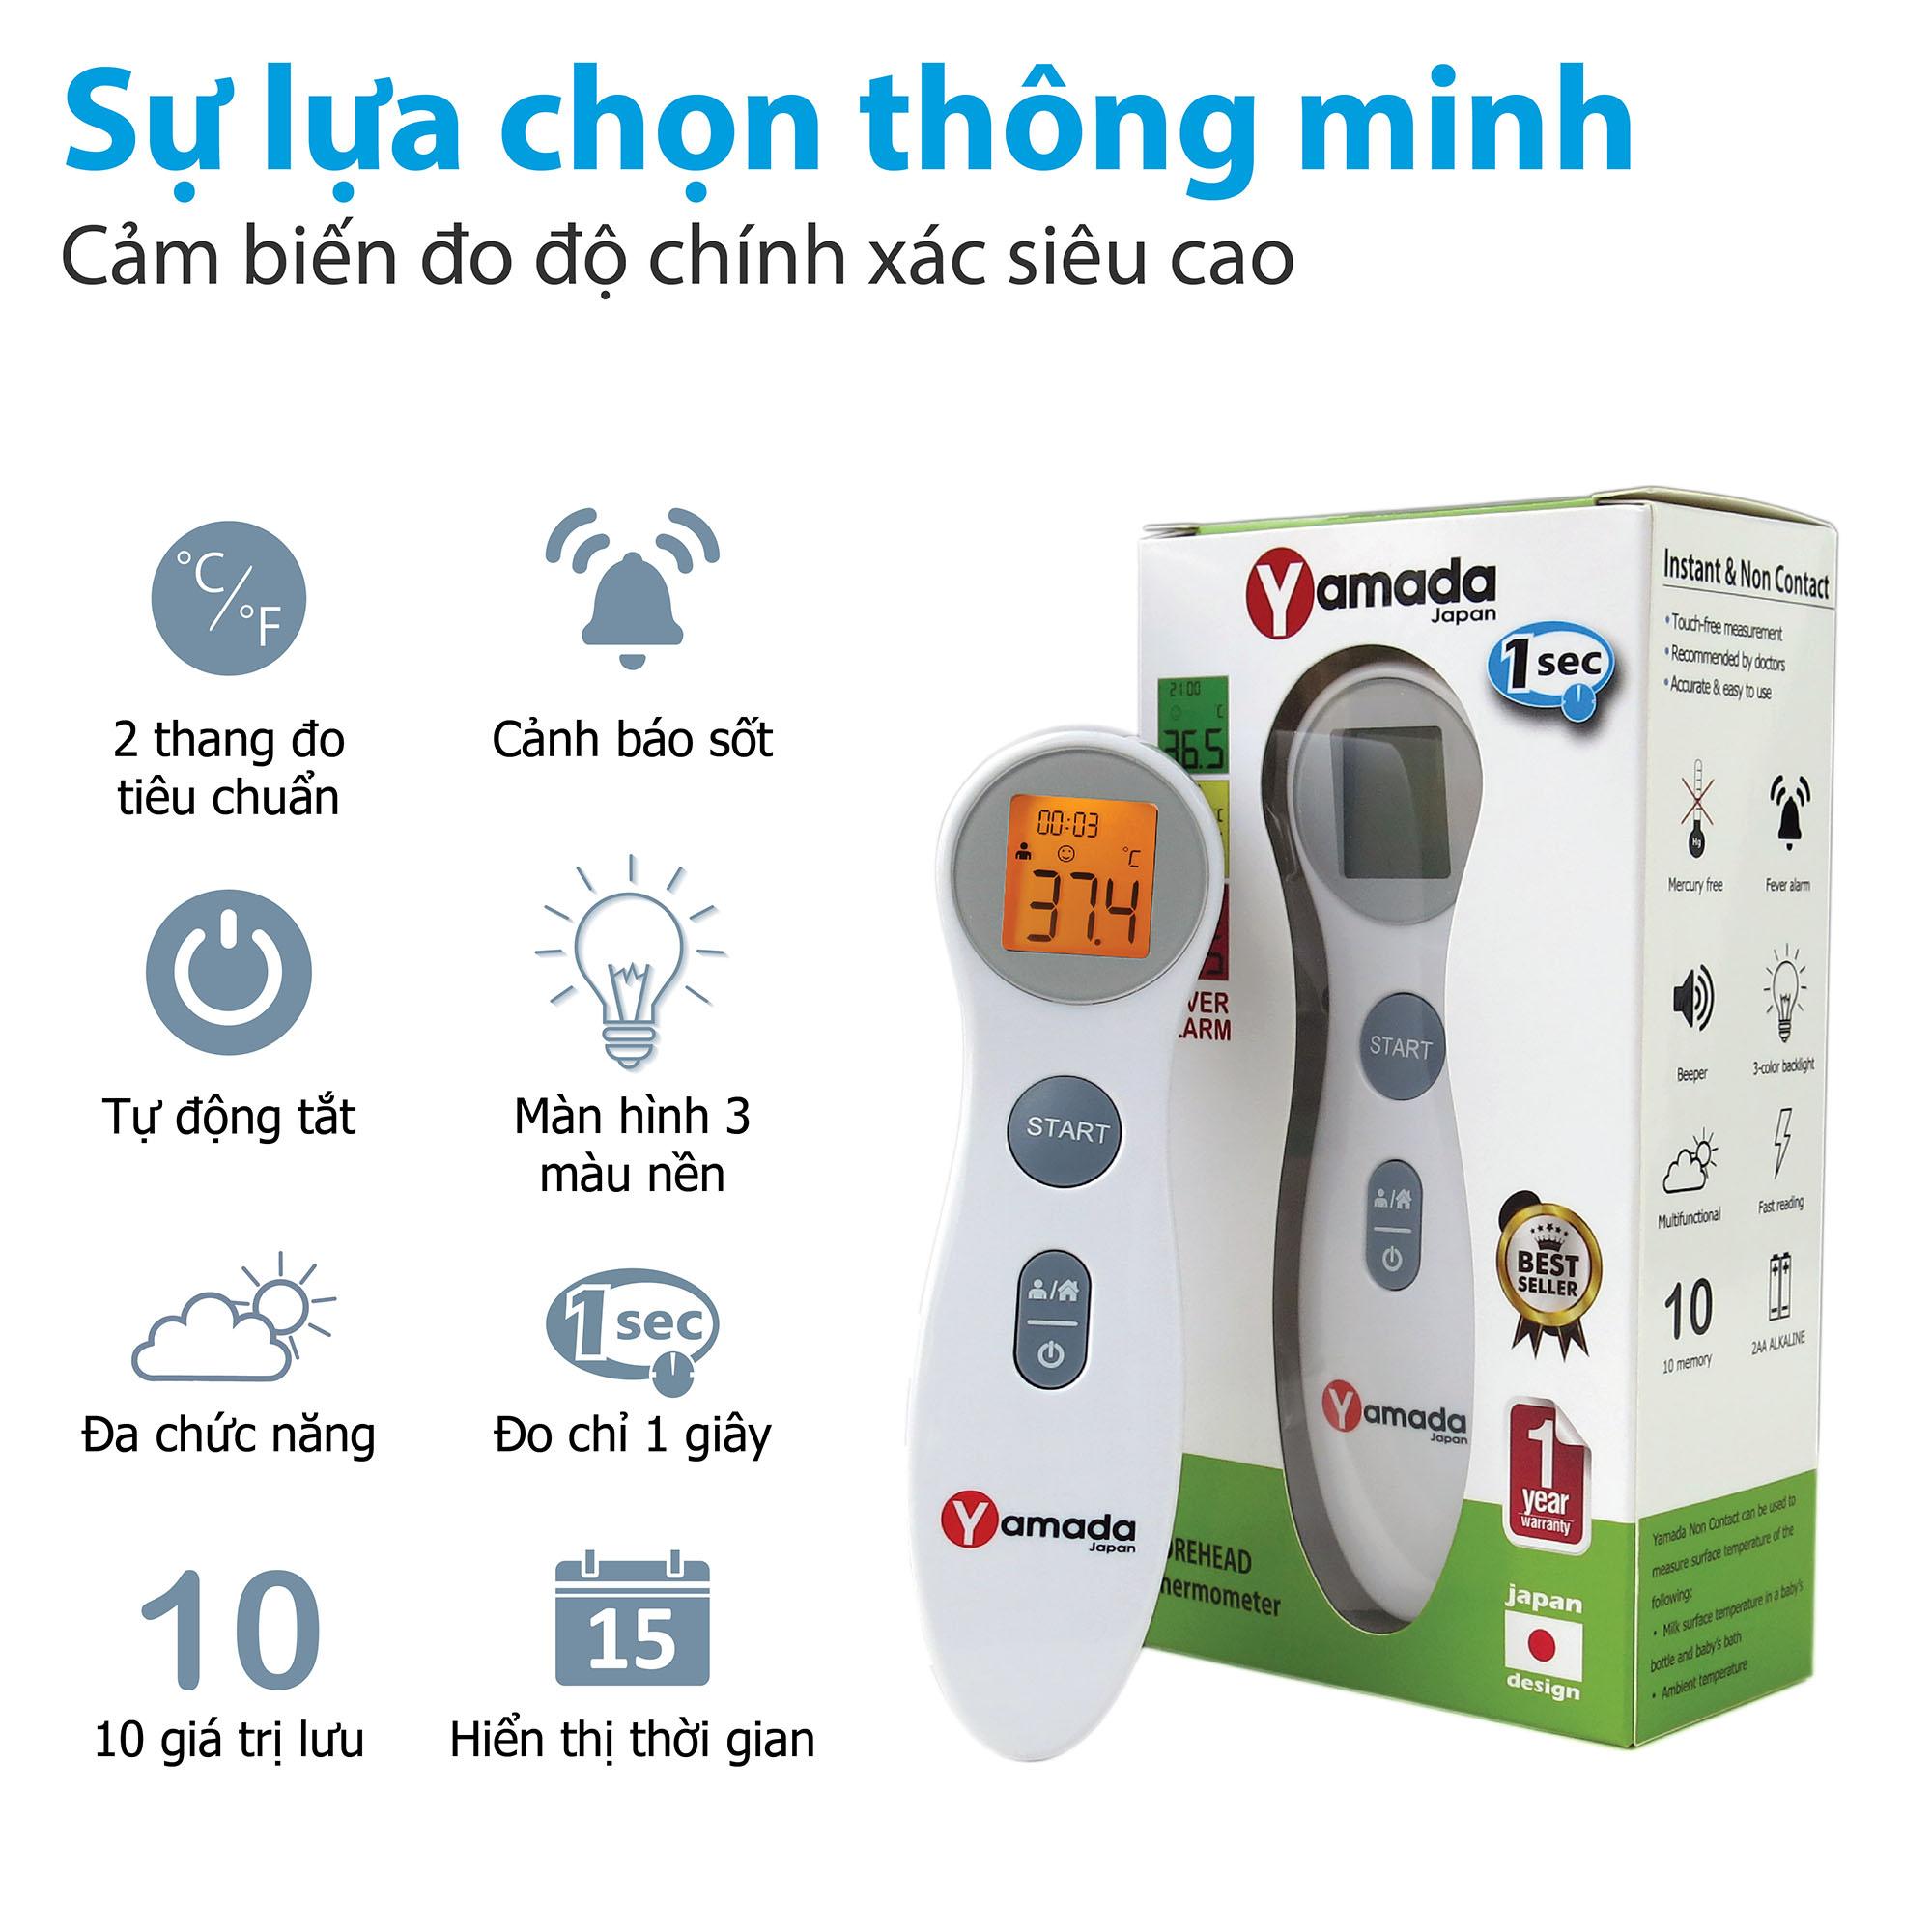 Nhiệt kế điện tử hồng ngoại đo trán không chạm Yamada Nhật Bản - đo nhanh 1 giây, cảnh báo sốt, màn hình 3 màu đèn, đo sữa, nước tắm, nhiệt độ phòng